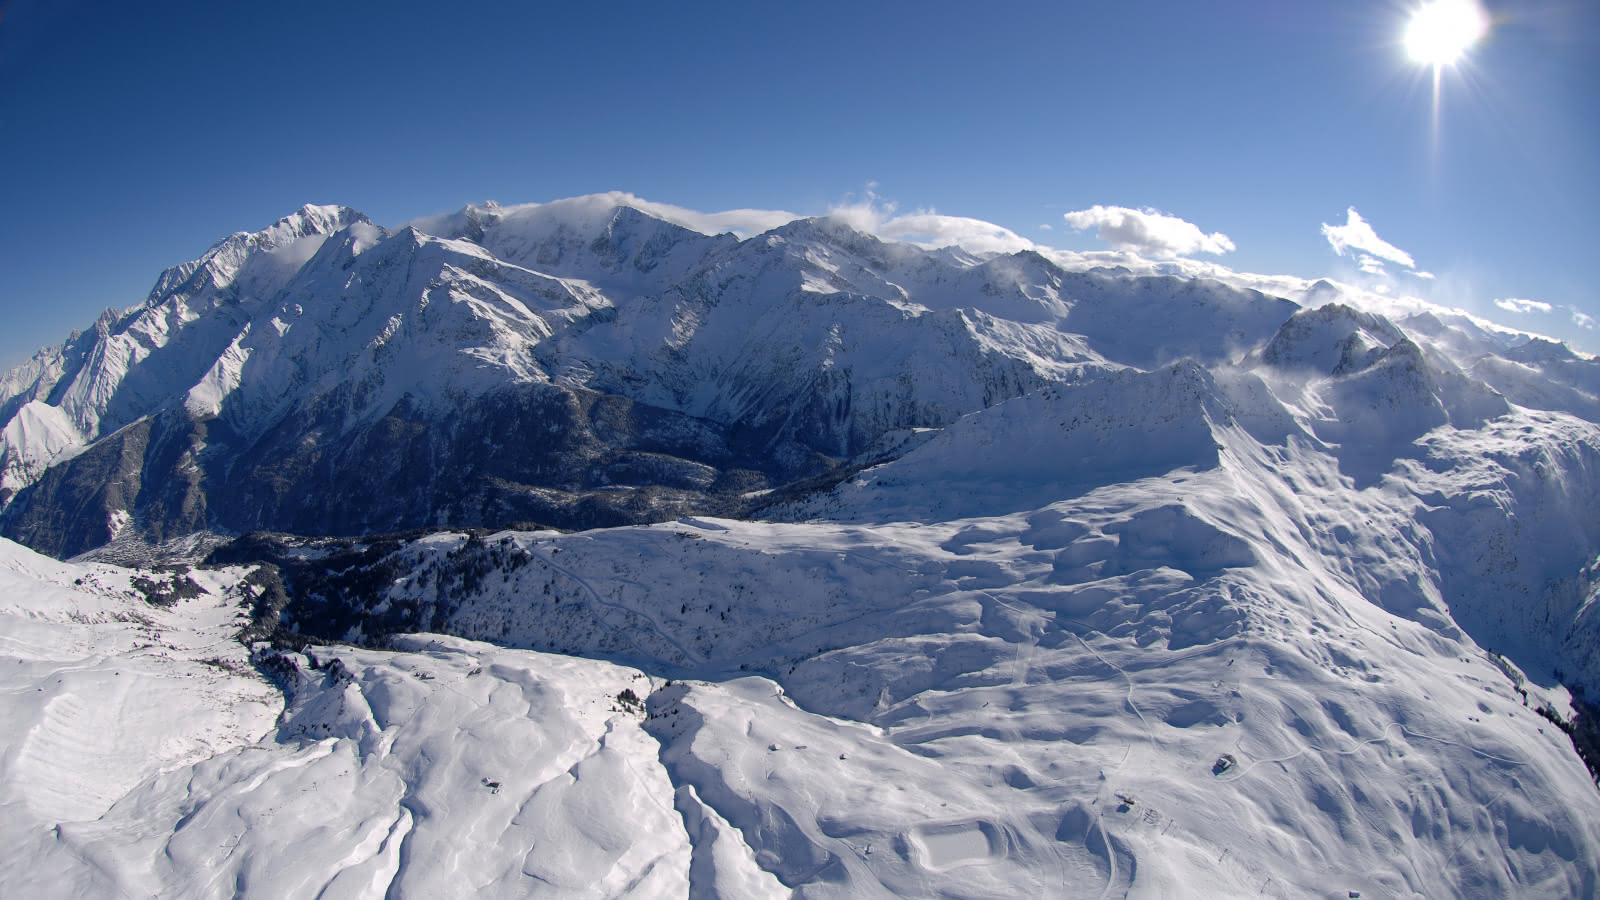 Le domaine skiable des Contamines vu du ciel